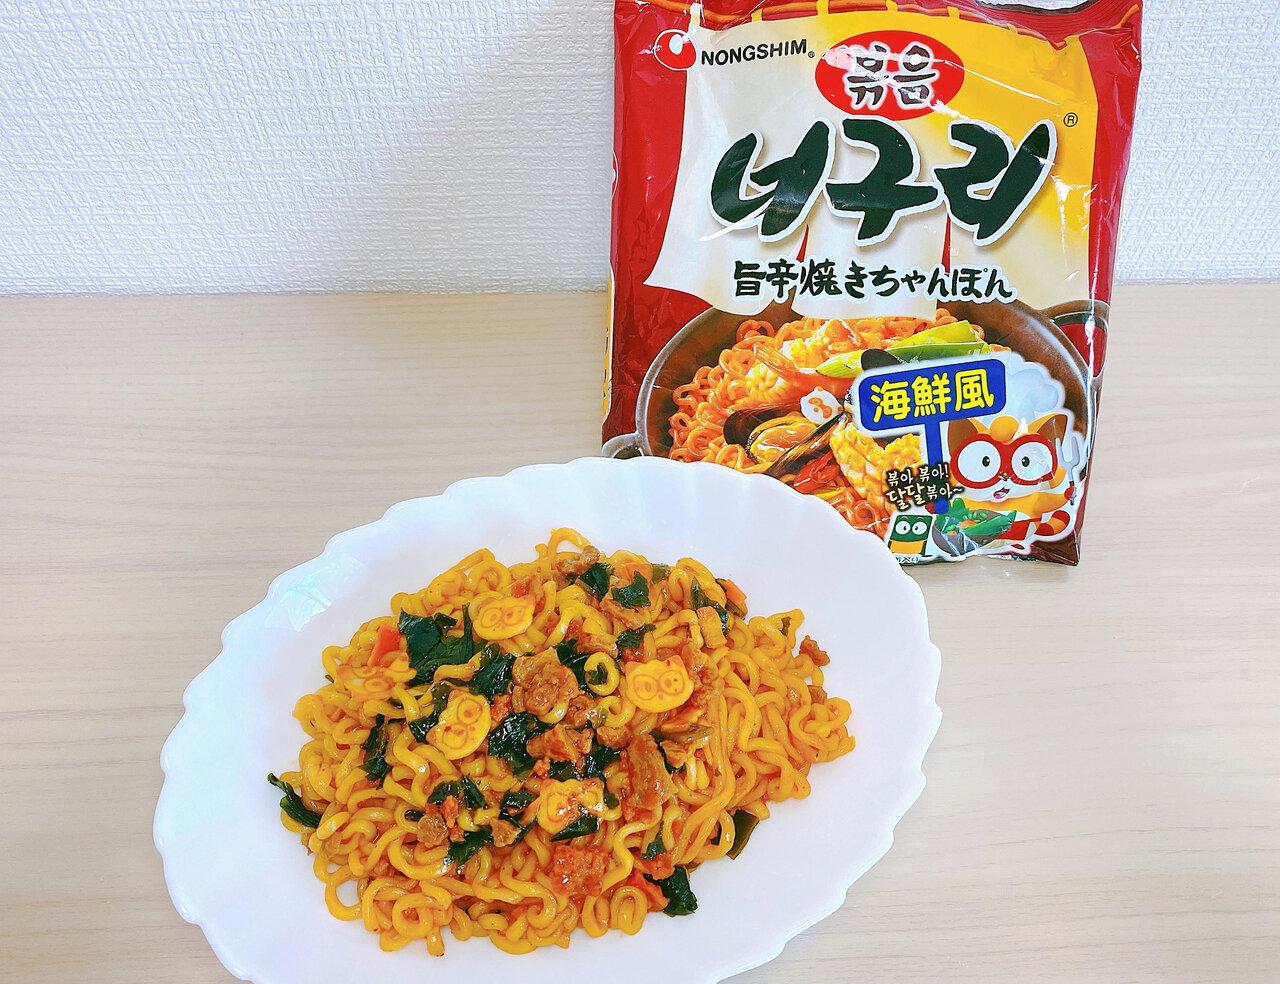 辛くなさそうでパケ買いしたら激辛だった韓国ラーメン3選!